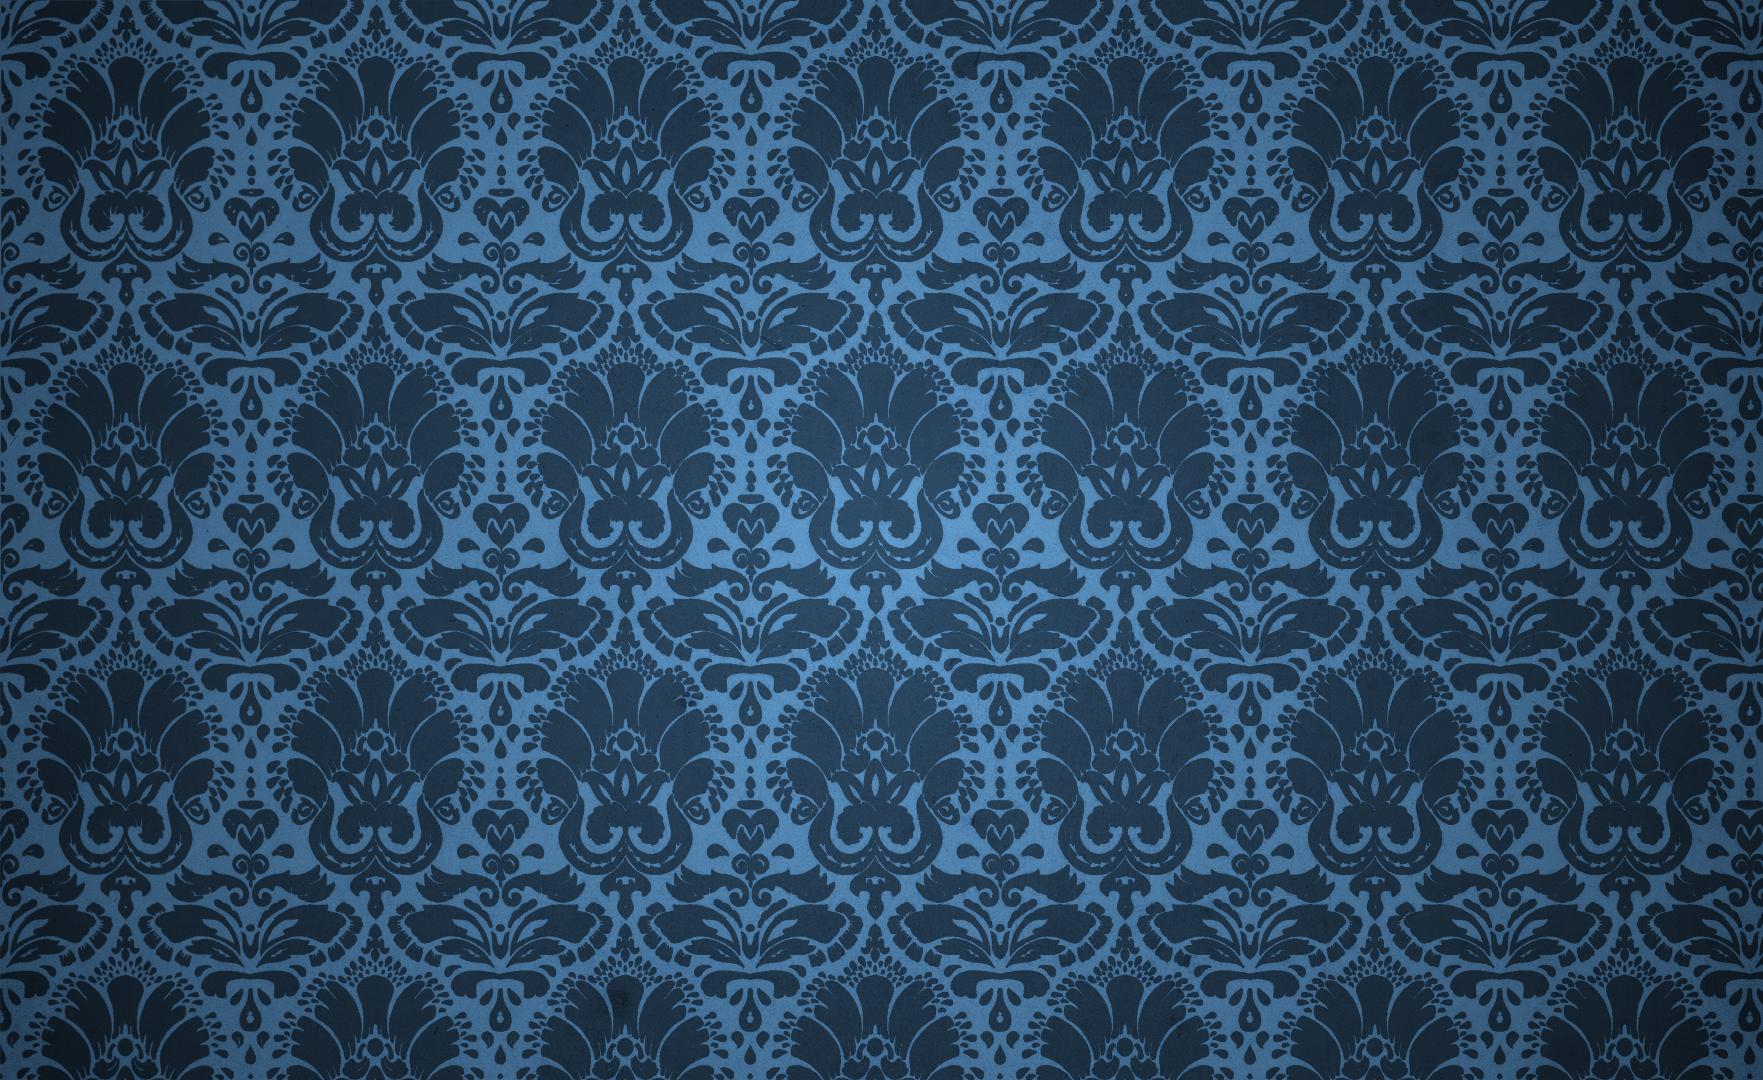 wall wallpaper by ktostam25 customization wallpaper vexel 2012 2015 - Wallpaper Wall Designs